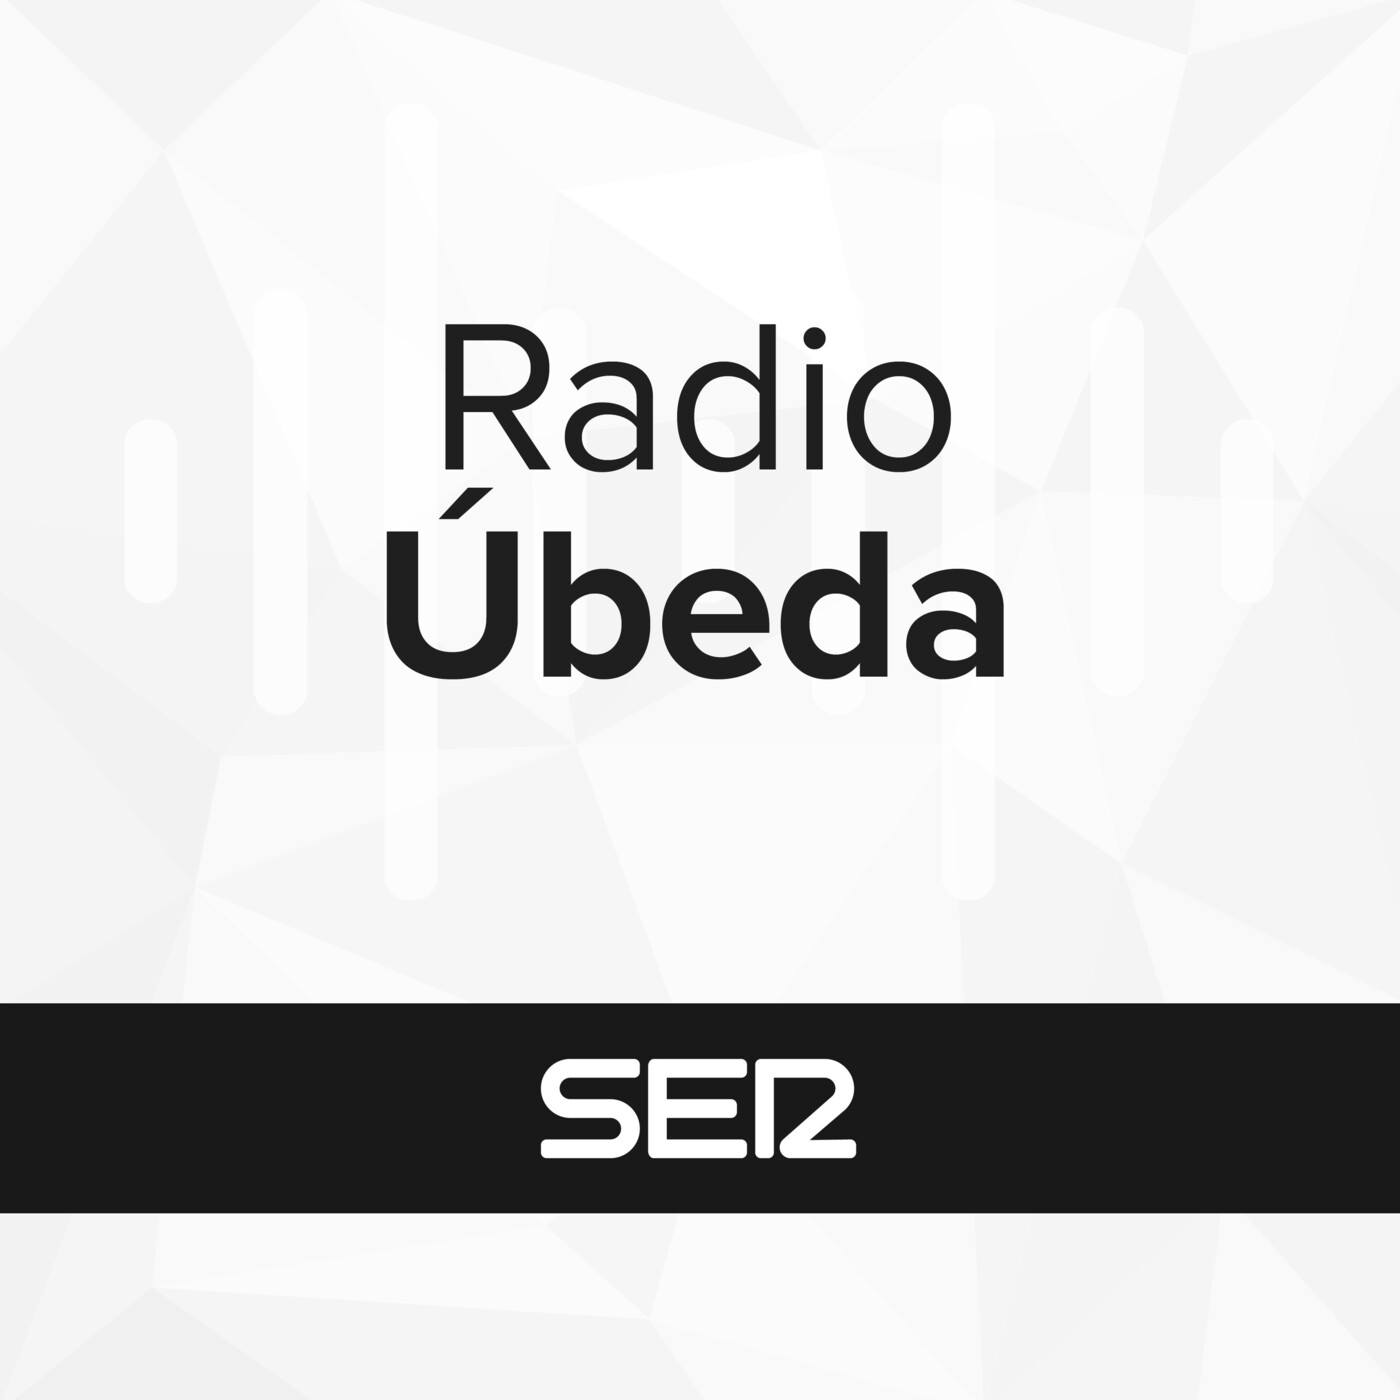 Hoy por Hoy Matinal Andalucía 06:50 (20/10/2020)